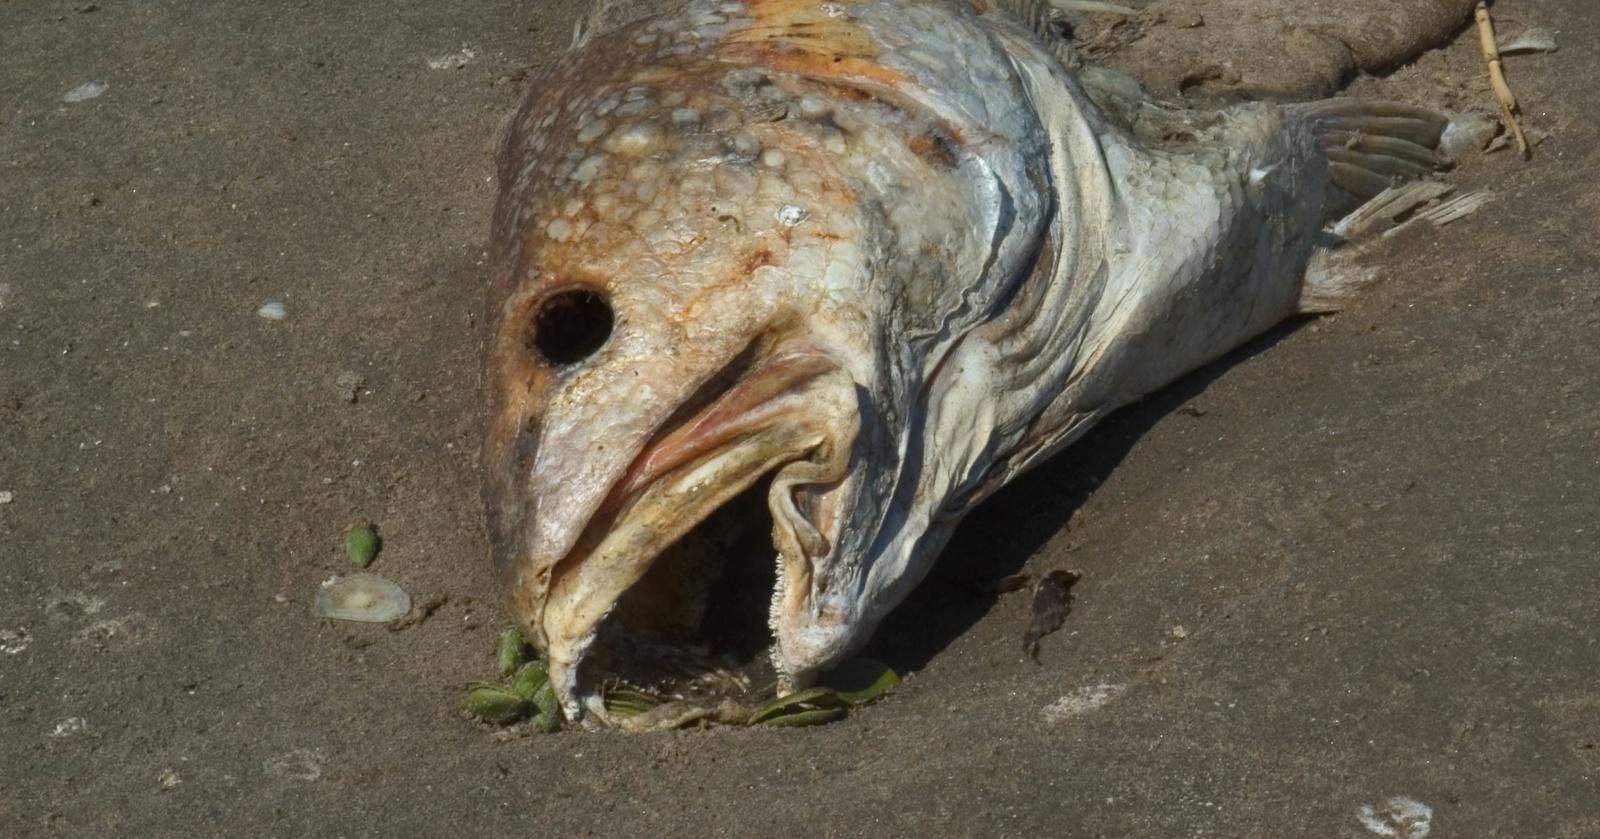 Пестициды в Мировом океане: стоит ли бояться есть рыбу